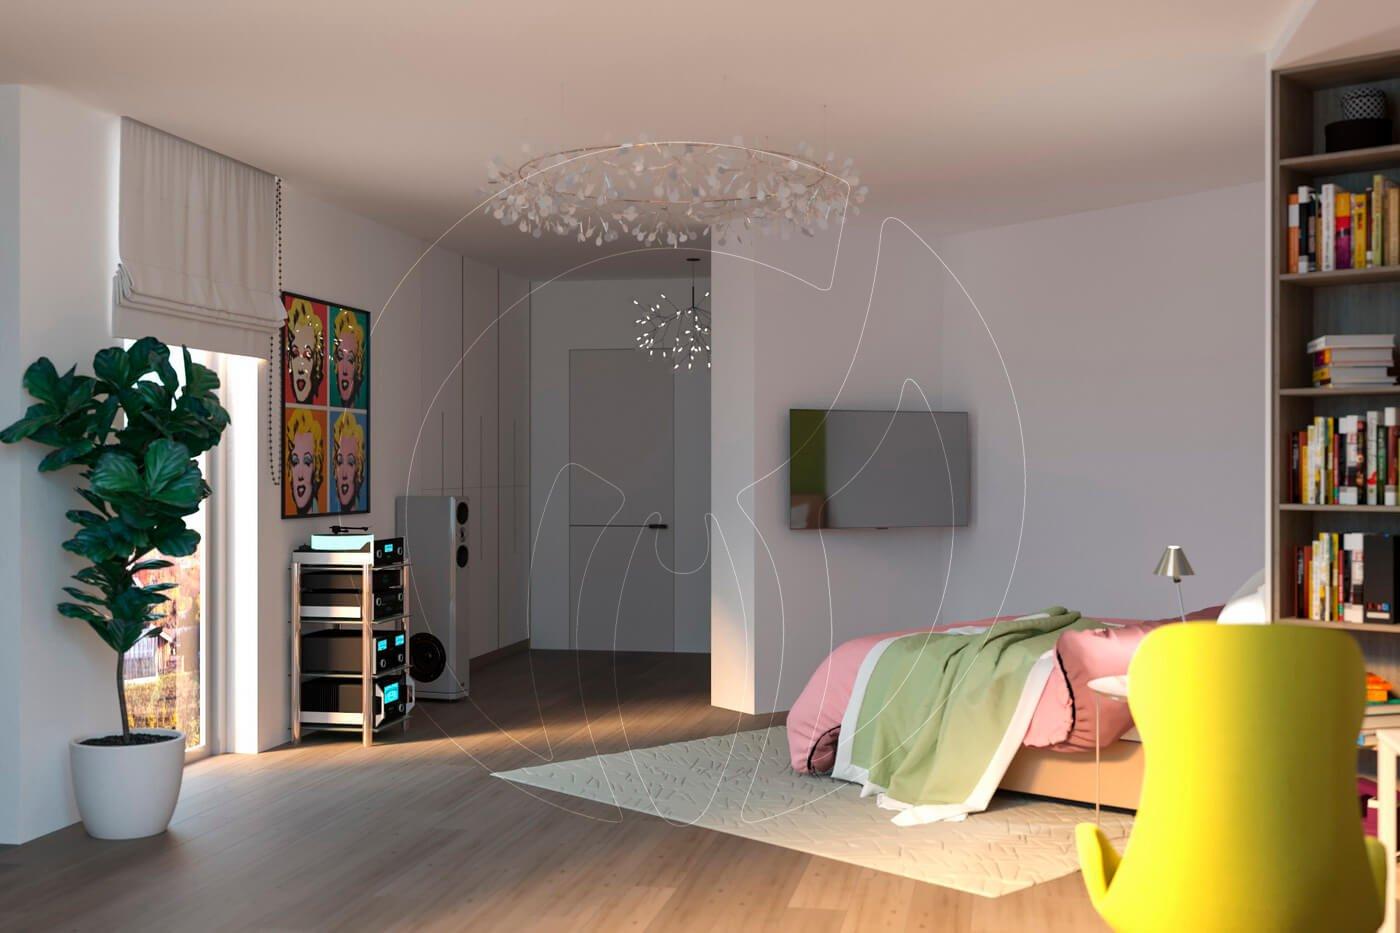 агородный дом в современном стиле. Детская комната. Кровать, перегородка